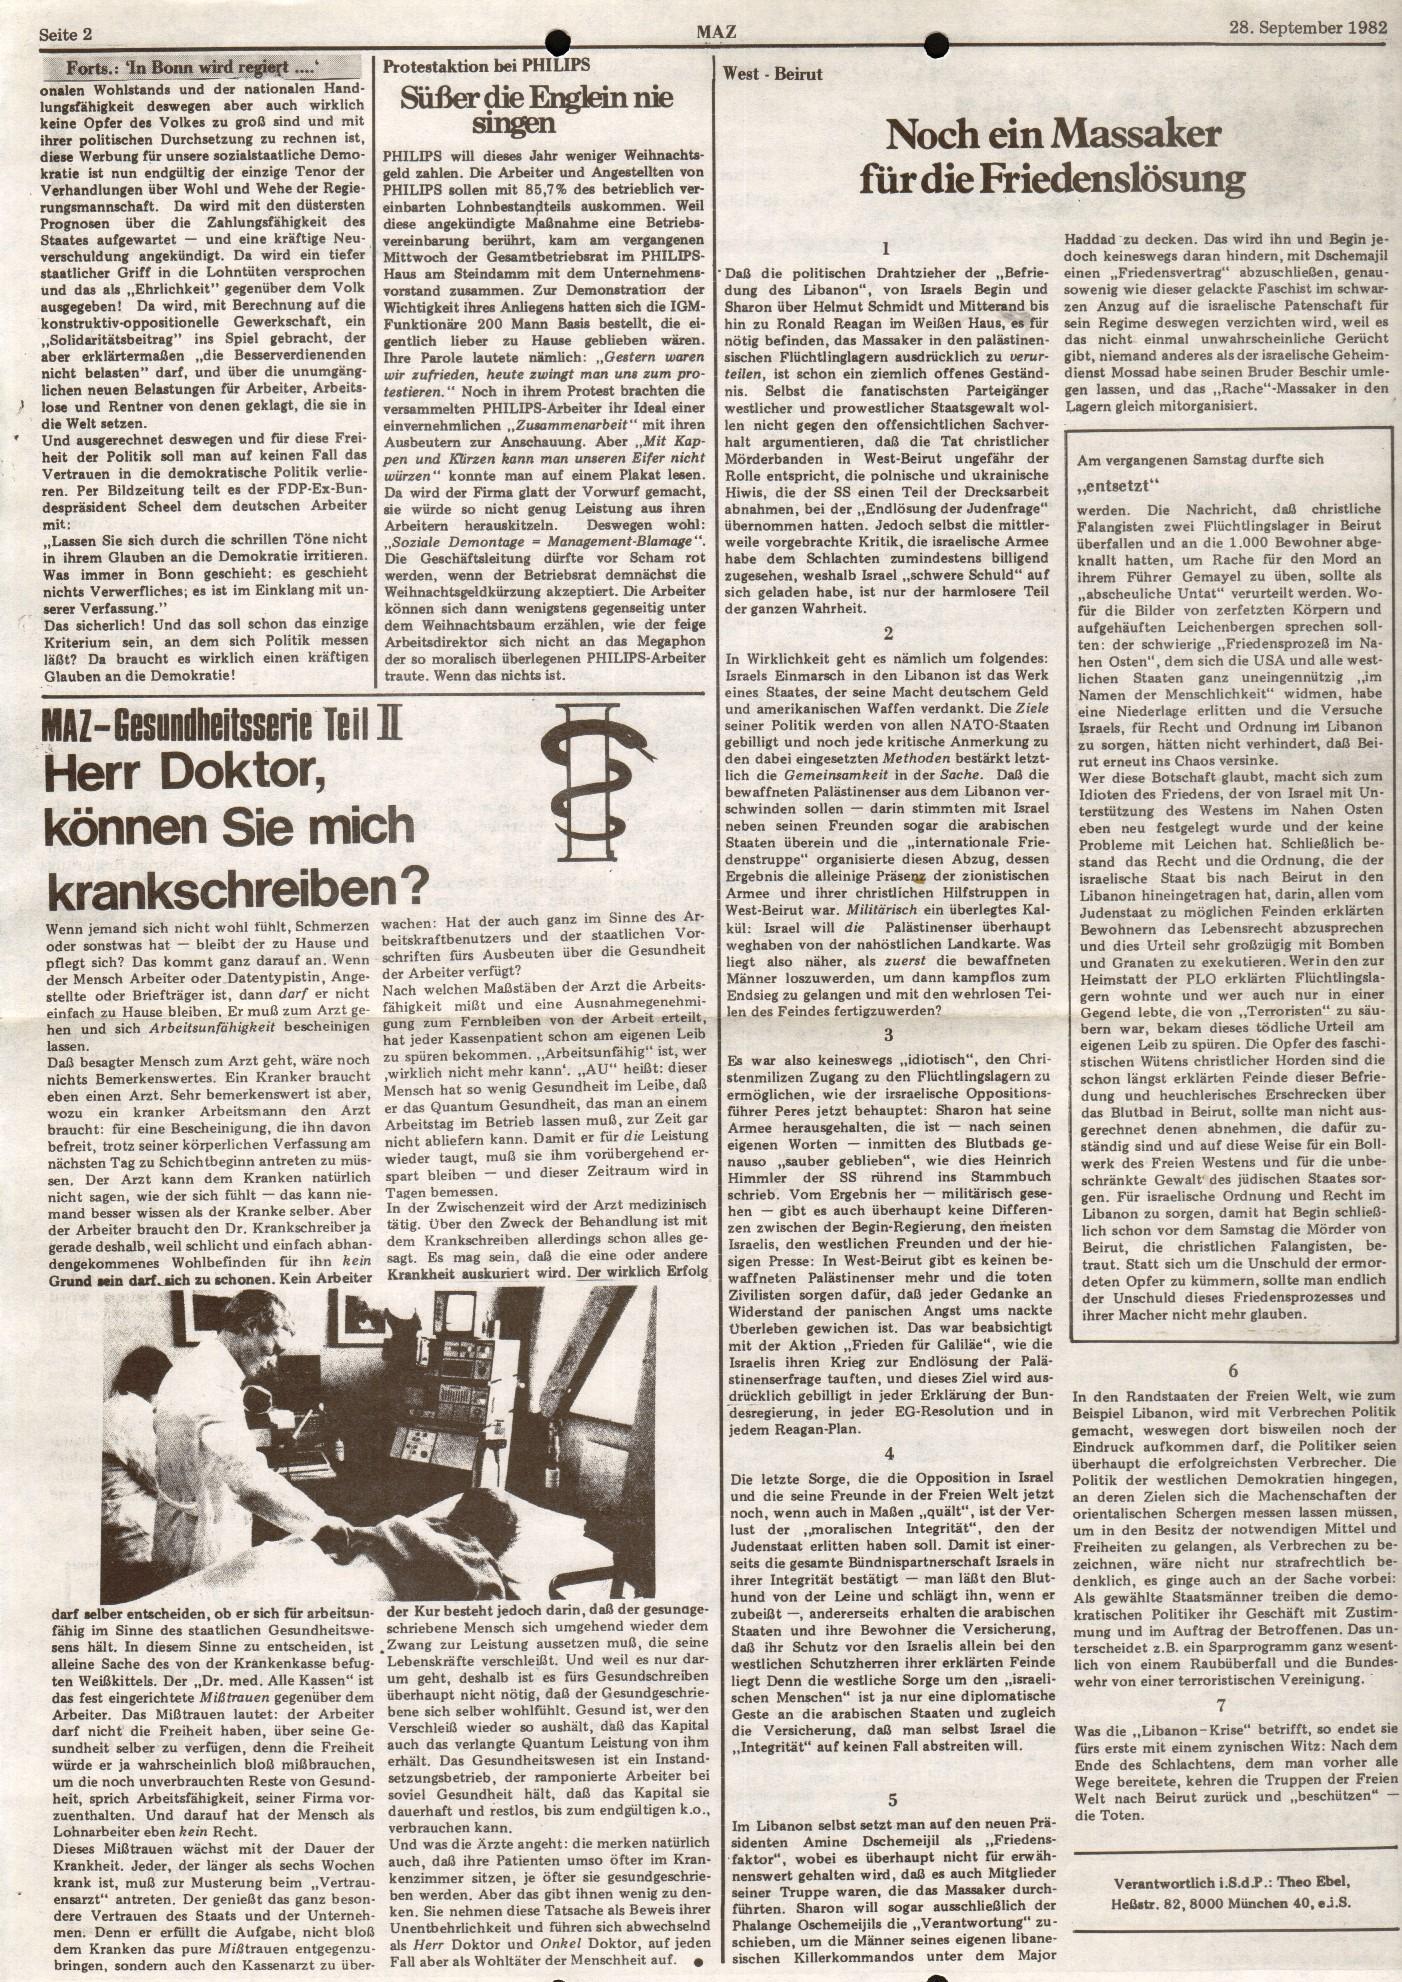 Hamburg_MG_MAZ_19820928_02